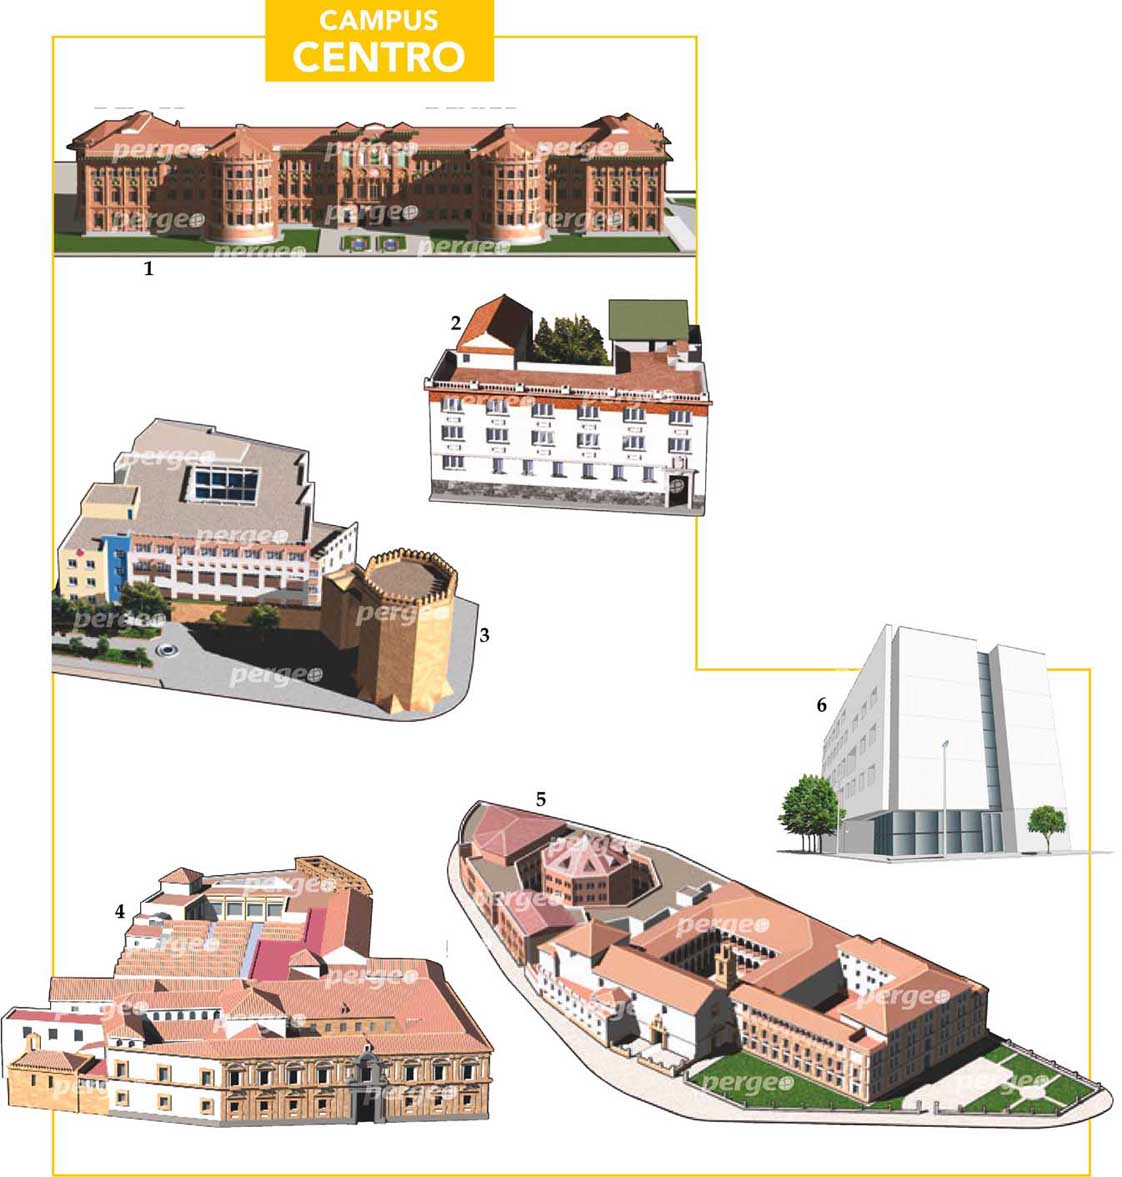 campus-centro-1100px